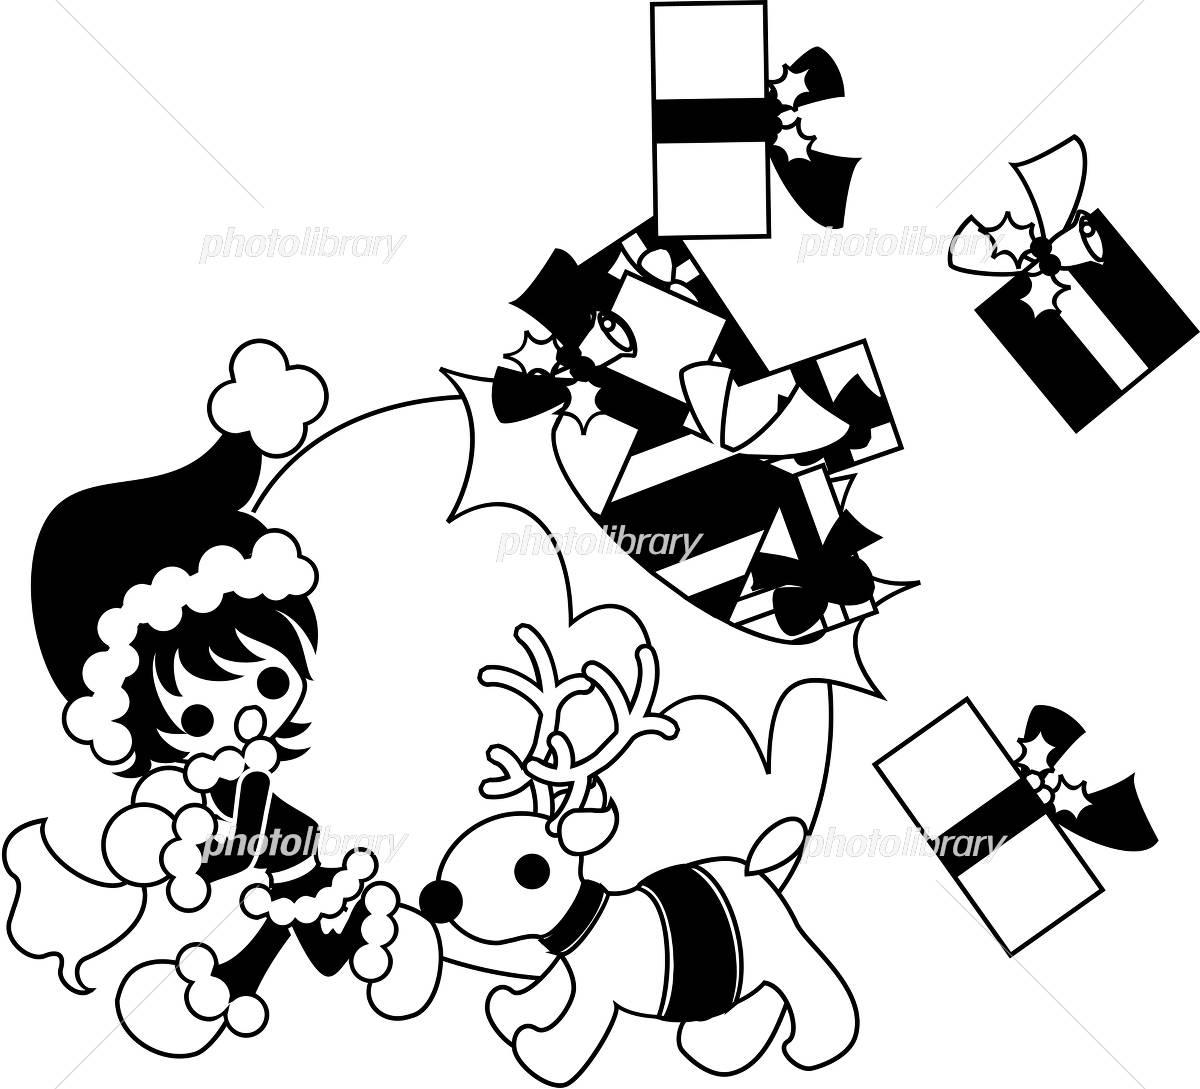 クリスマスのイラストモノクロ イラスト素材 4215533 フォト